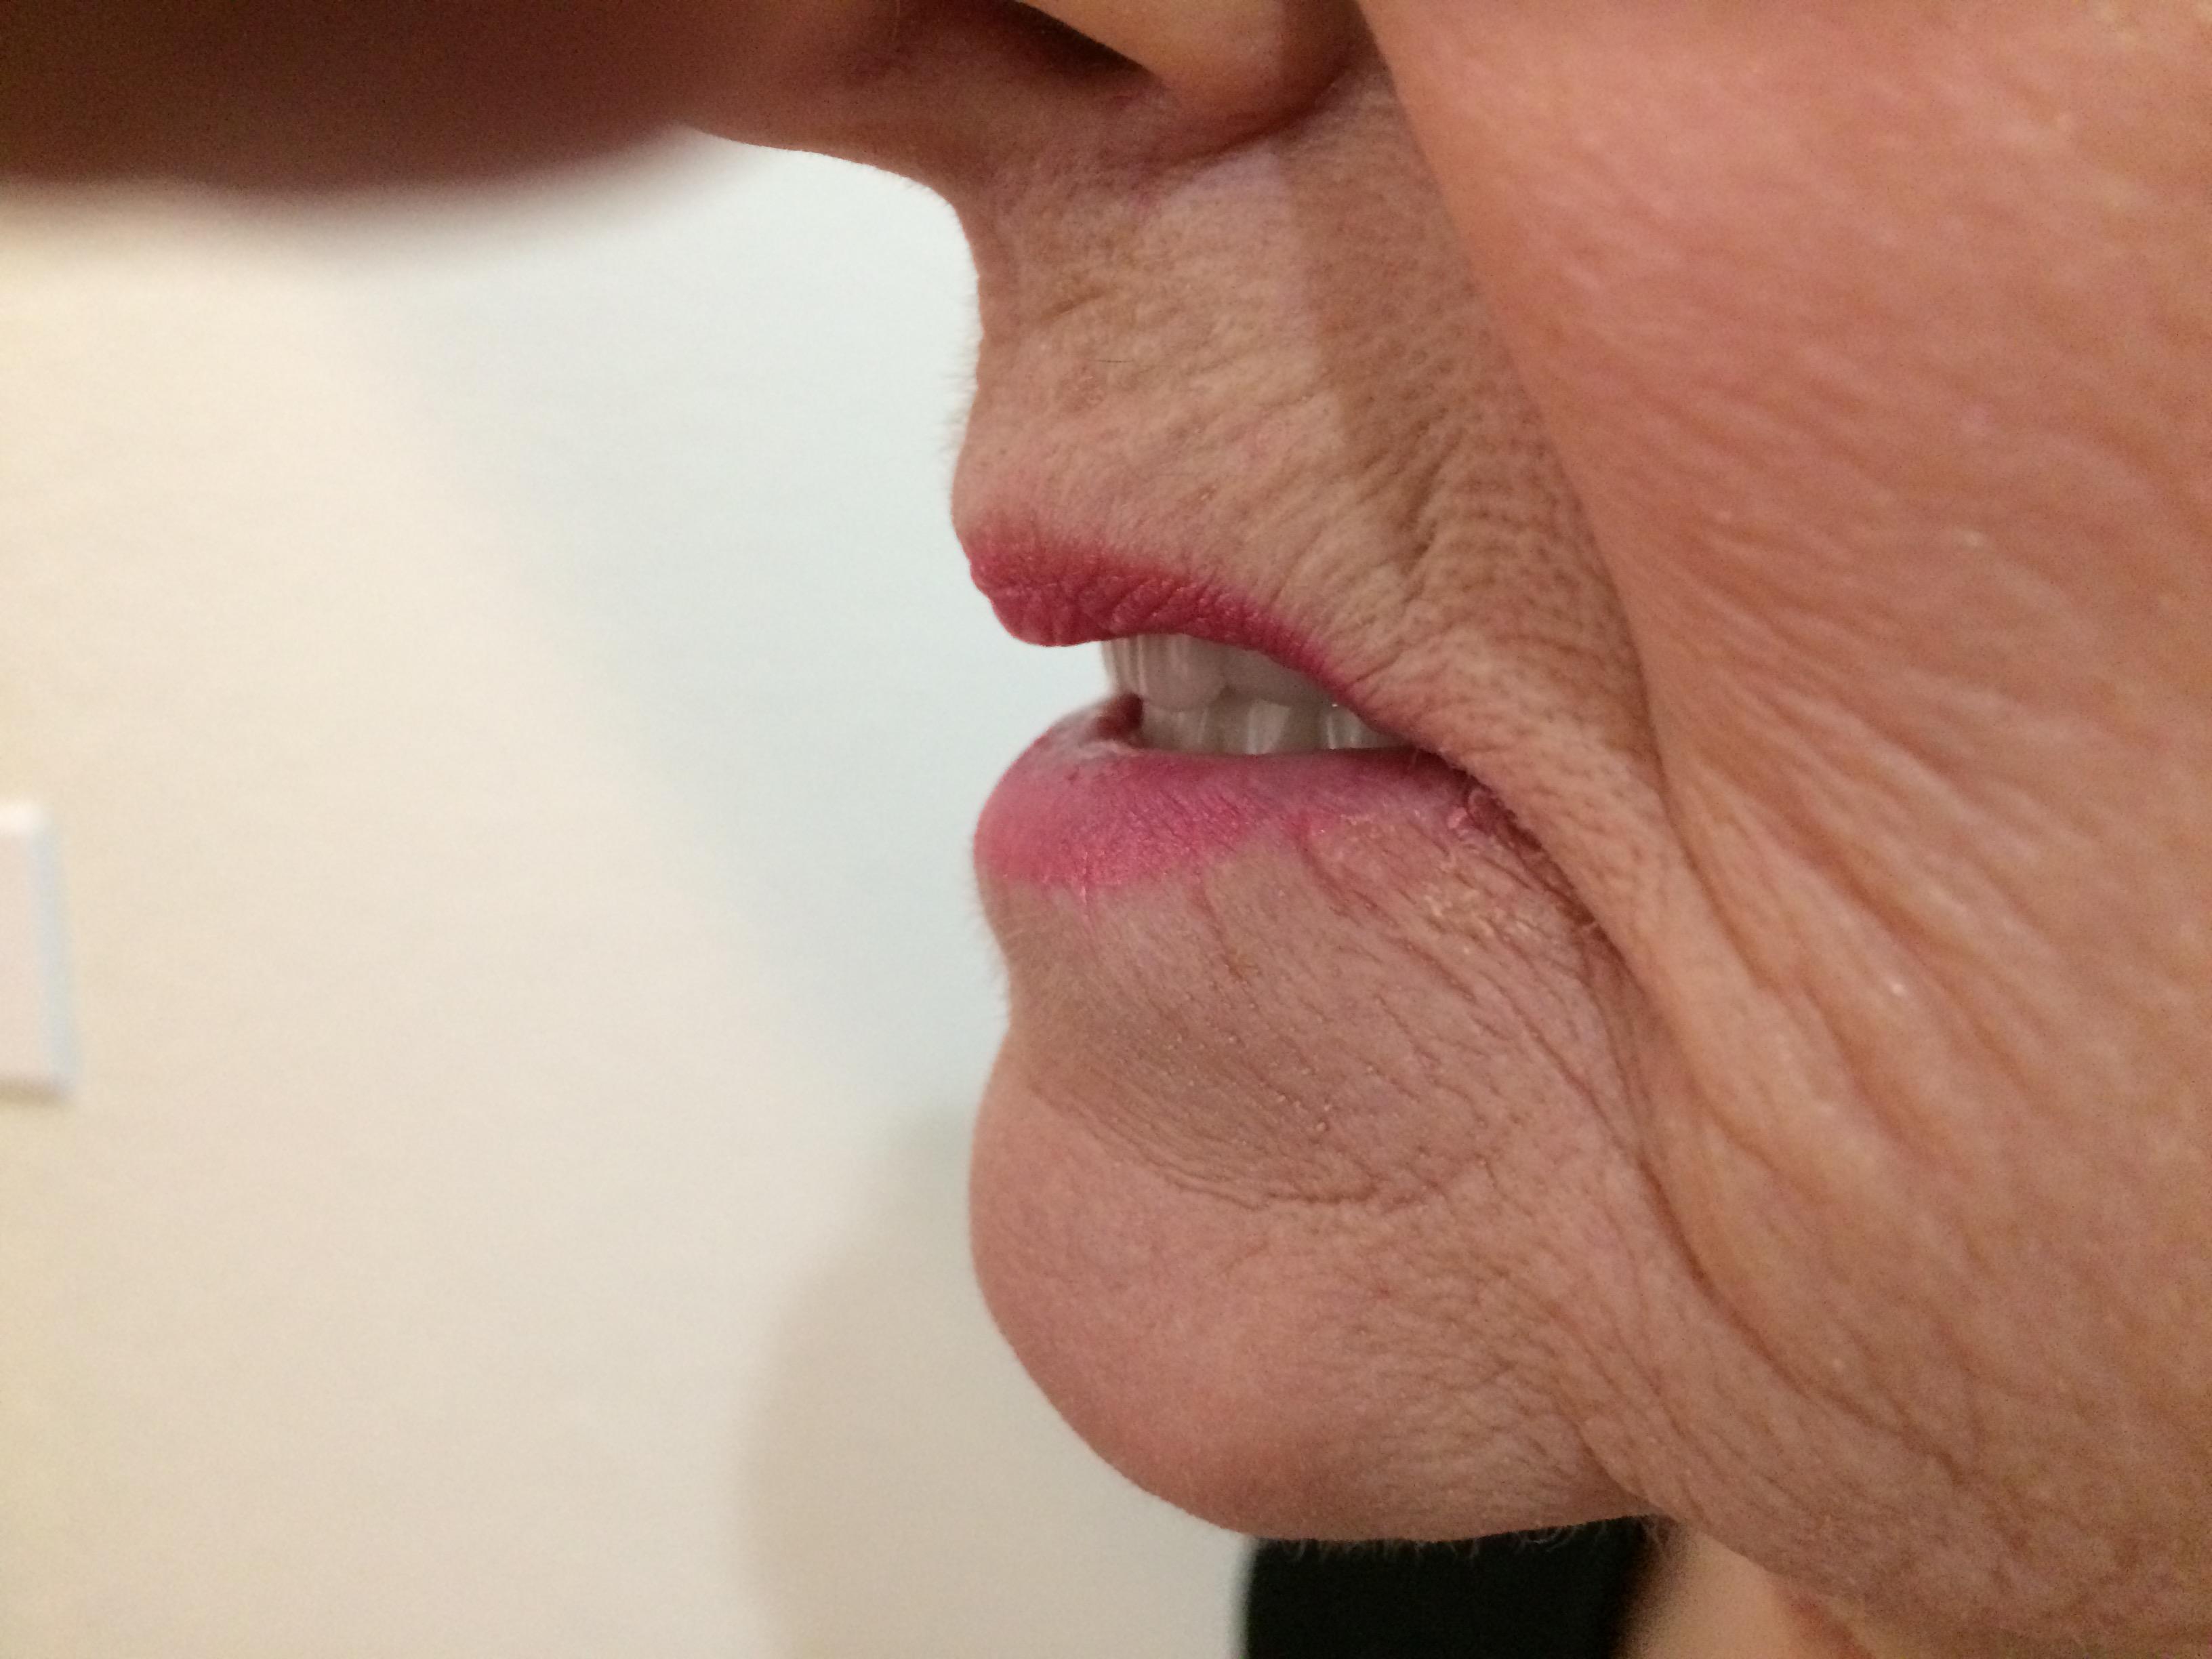 denture sore spot find and remove